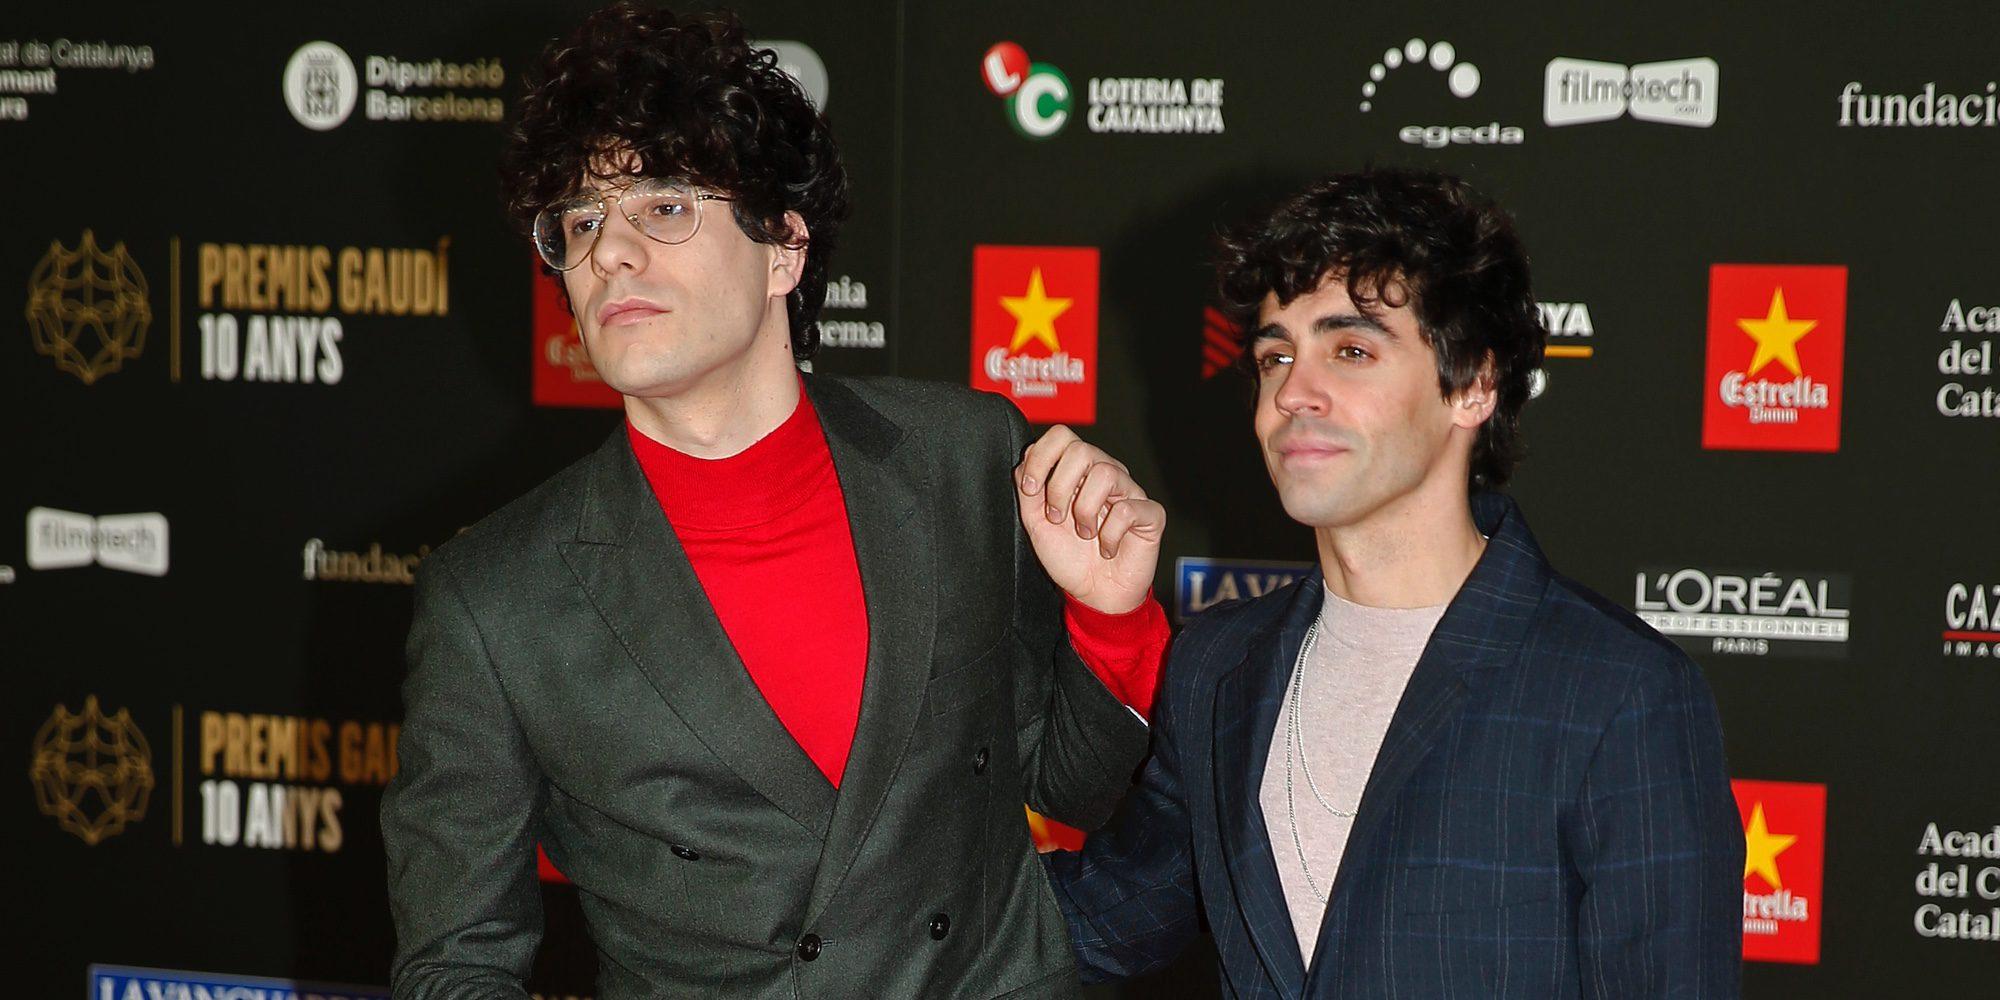 Los Javis protagonizan un beso viral junto a Dulceida y Alba Paul Ferrer en los Premios Gaudí 2018